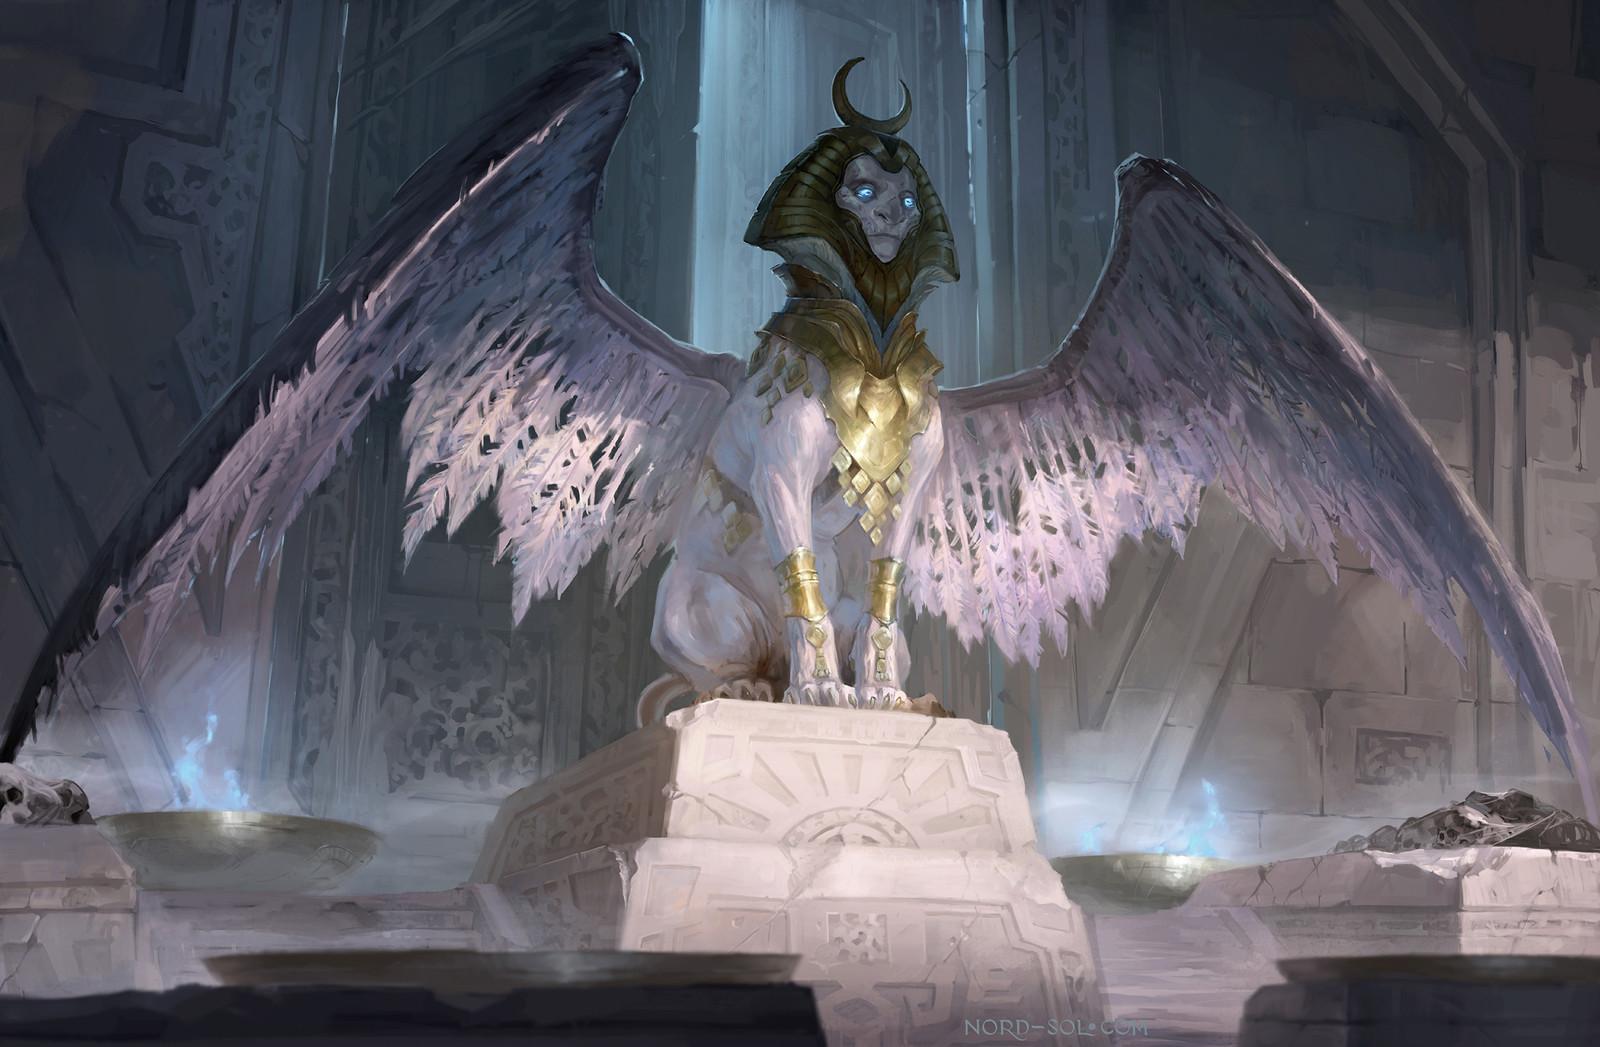 UB Sphinx